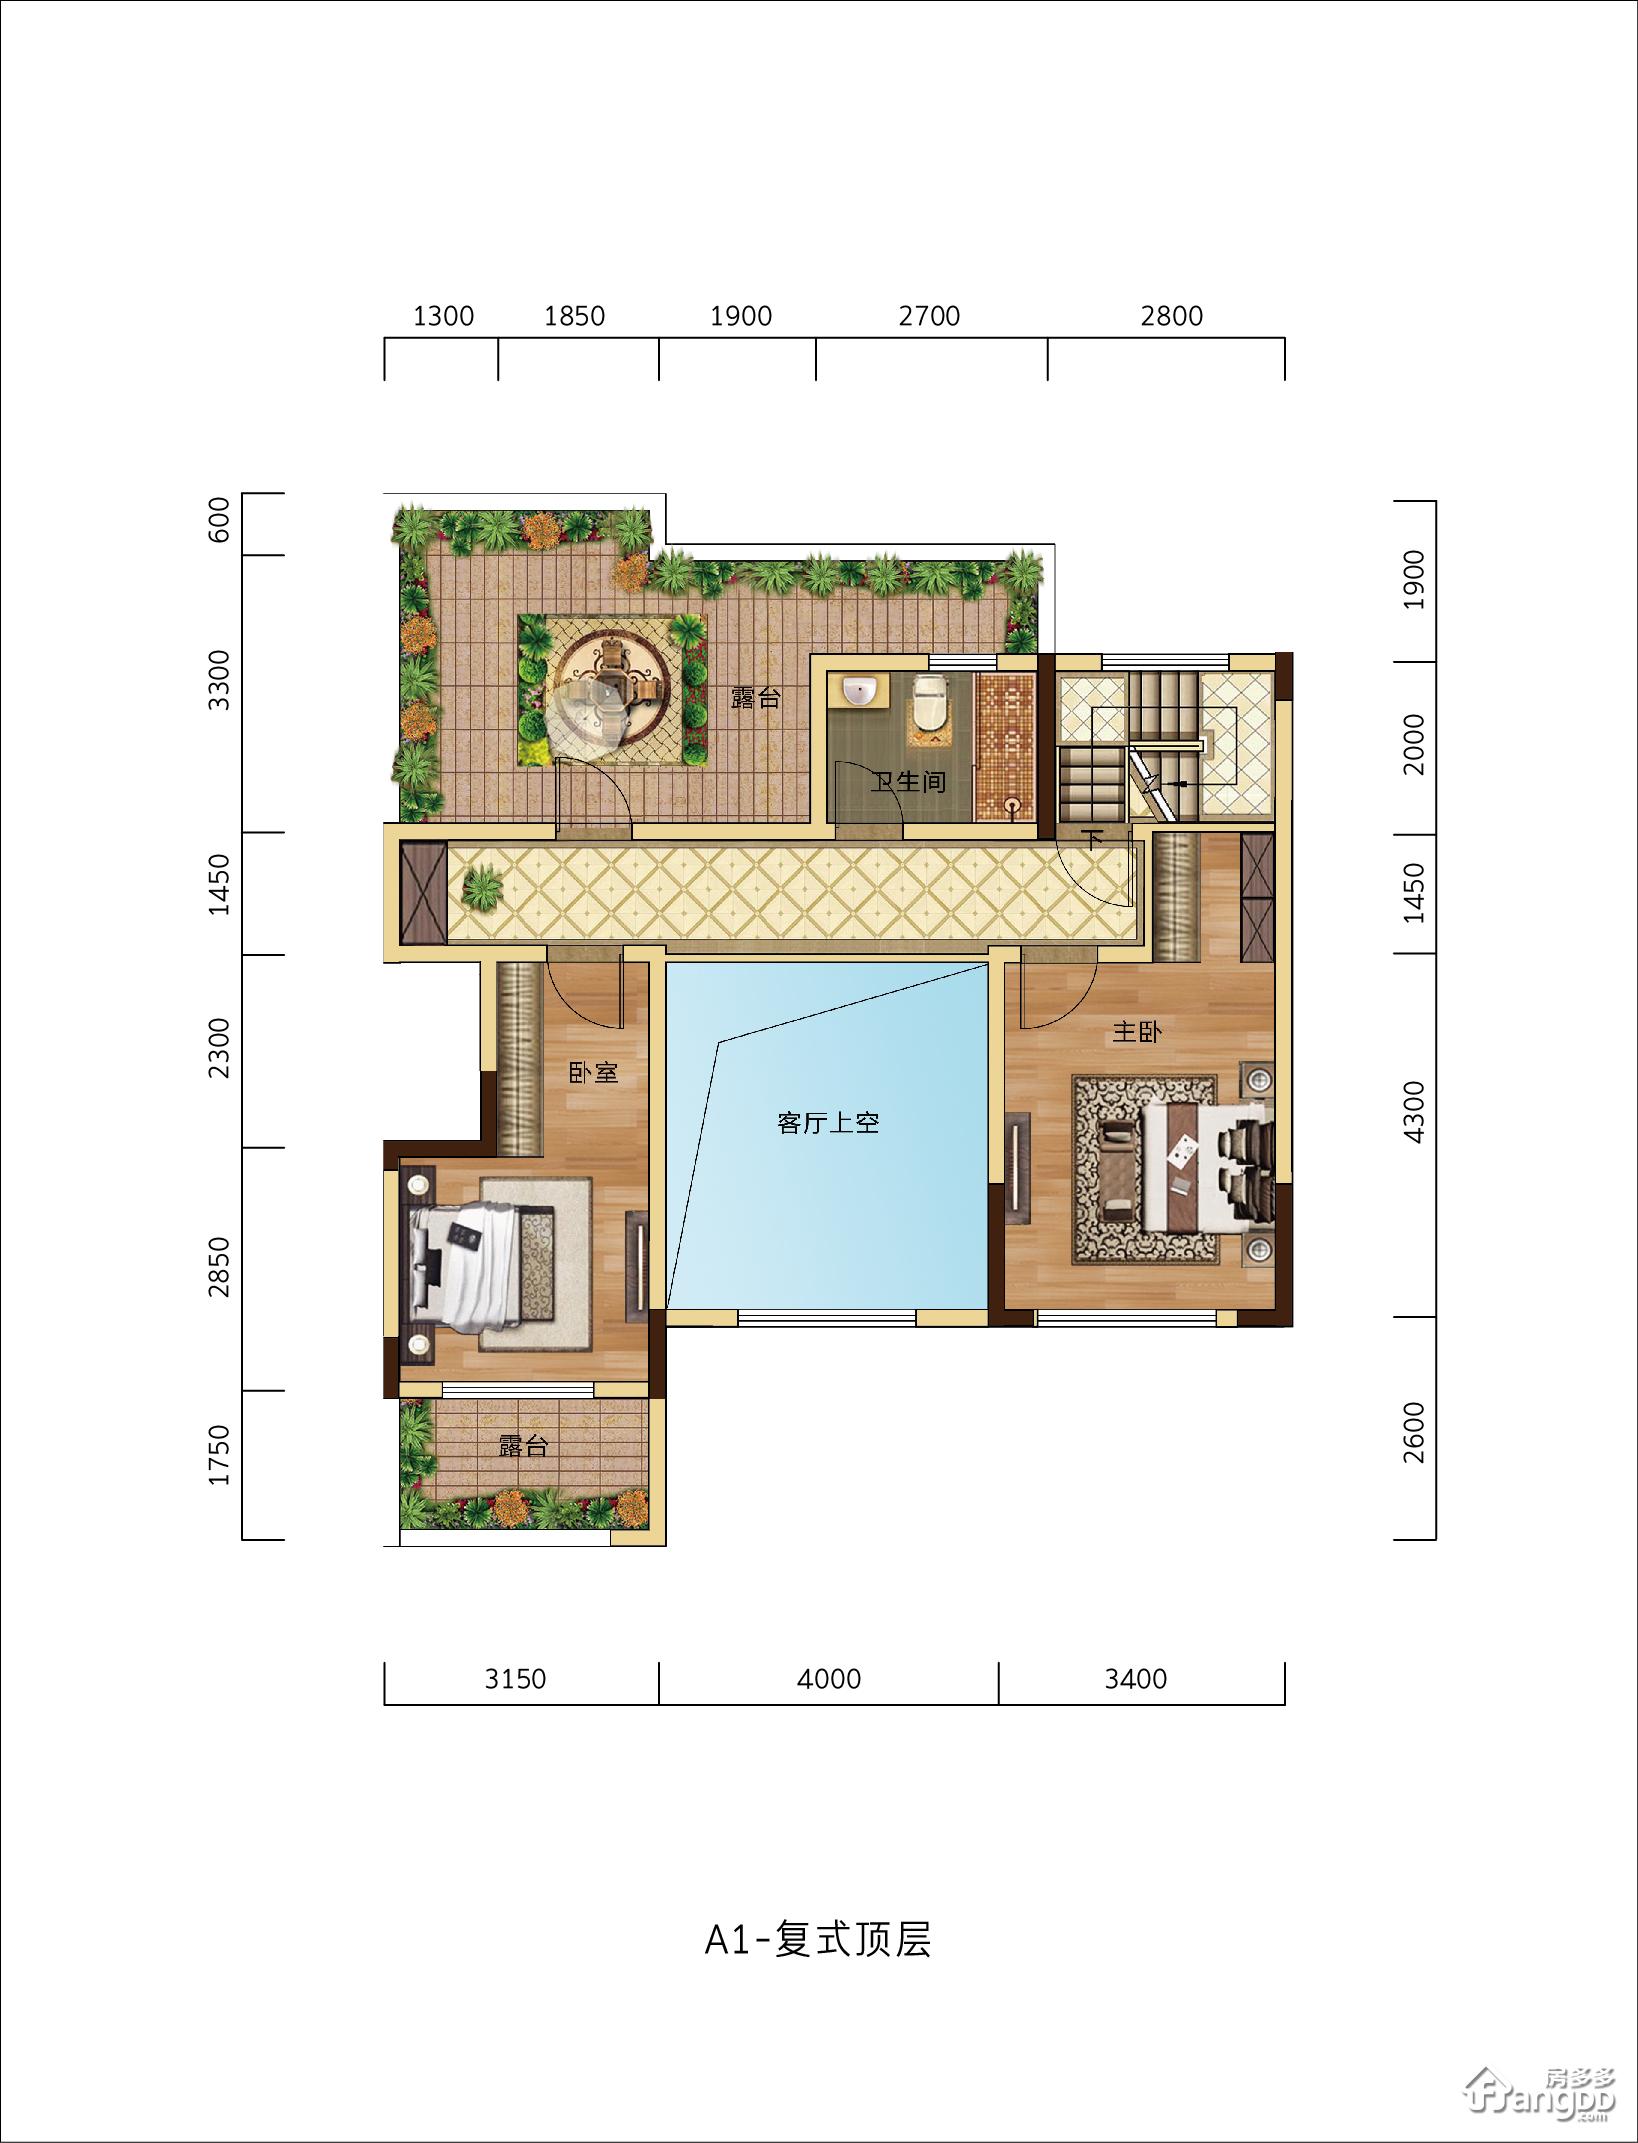 滨河名邸(临沂)2室1厅1卫户型图